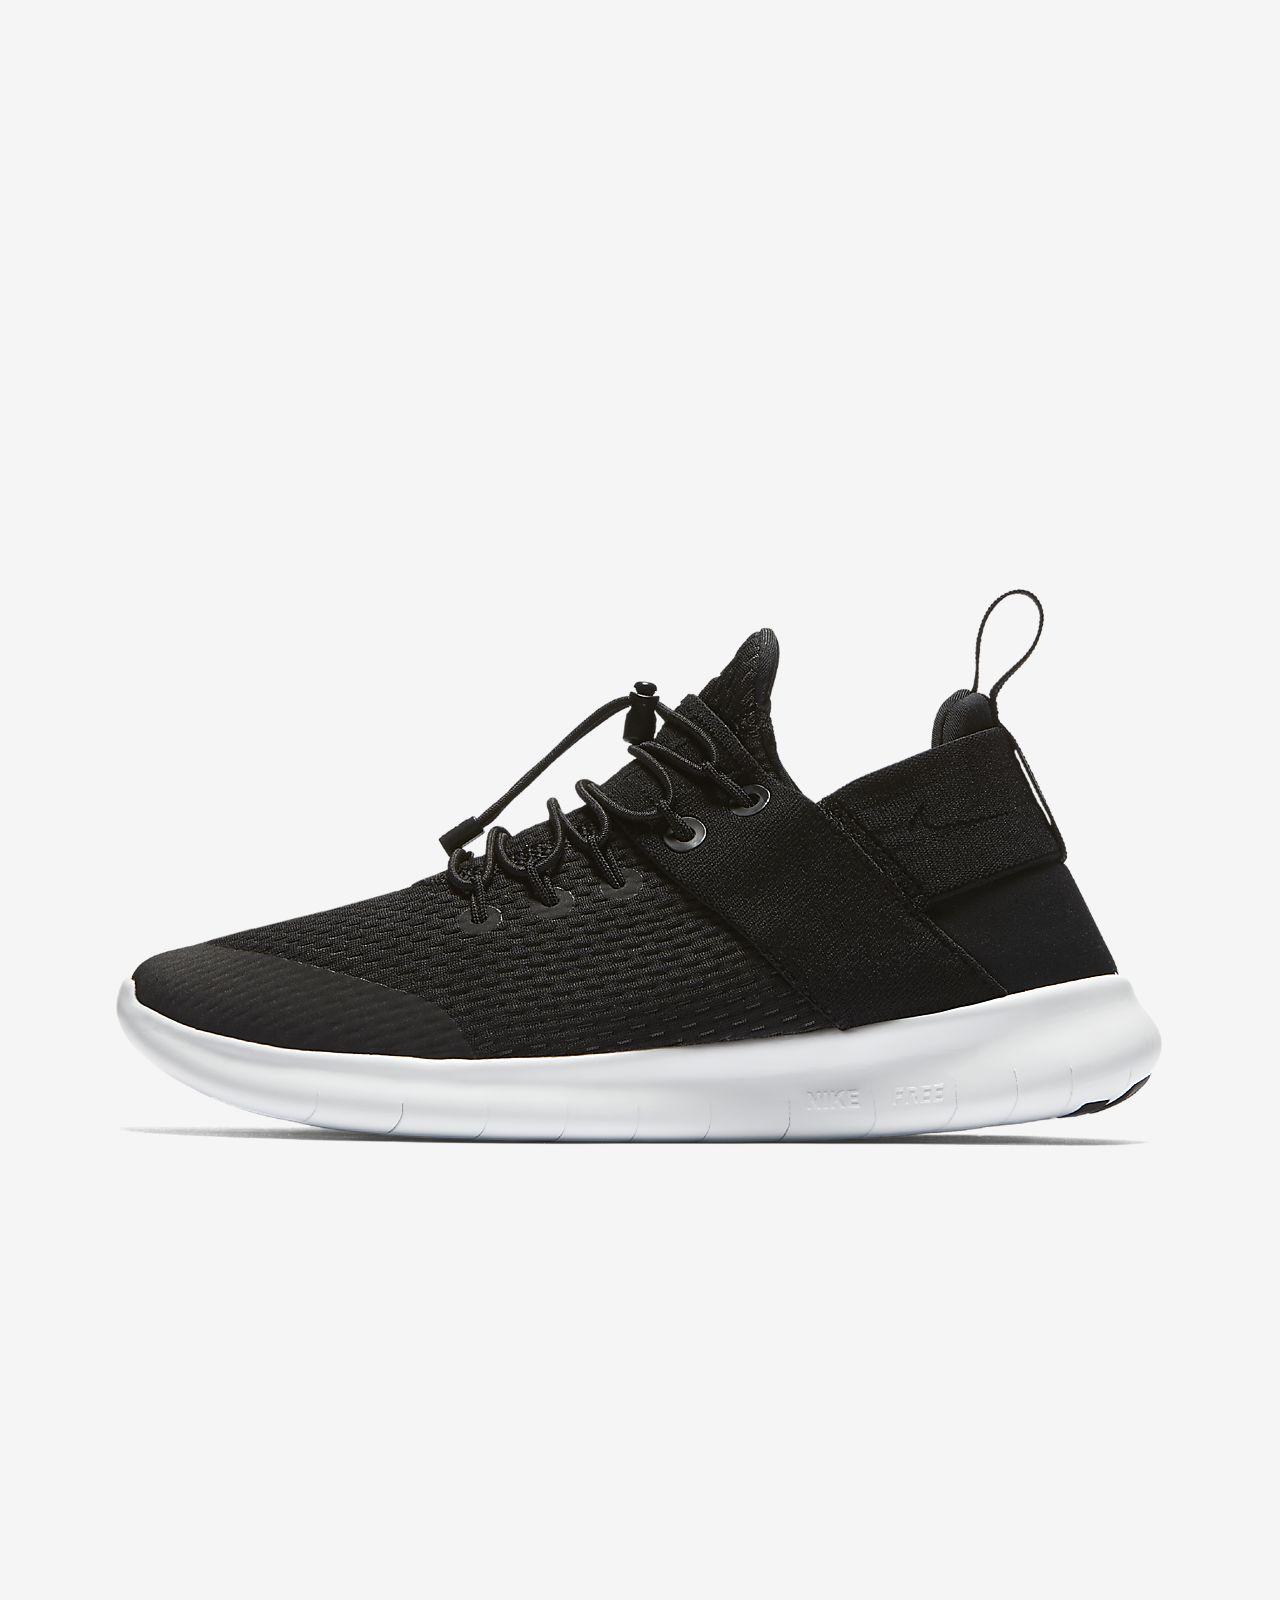 NIKE FREE SB Scarpe Uomo Donna Sneaker Scarpe da ginnastica Scarpe da Corsa FREE RETRO NERO